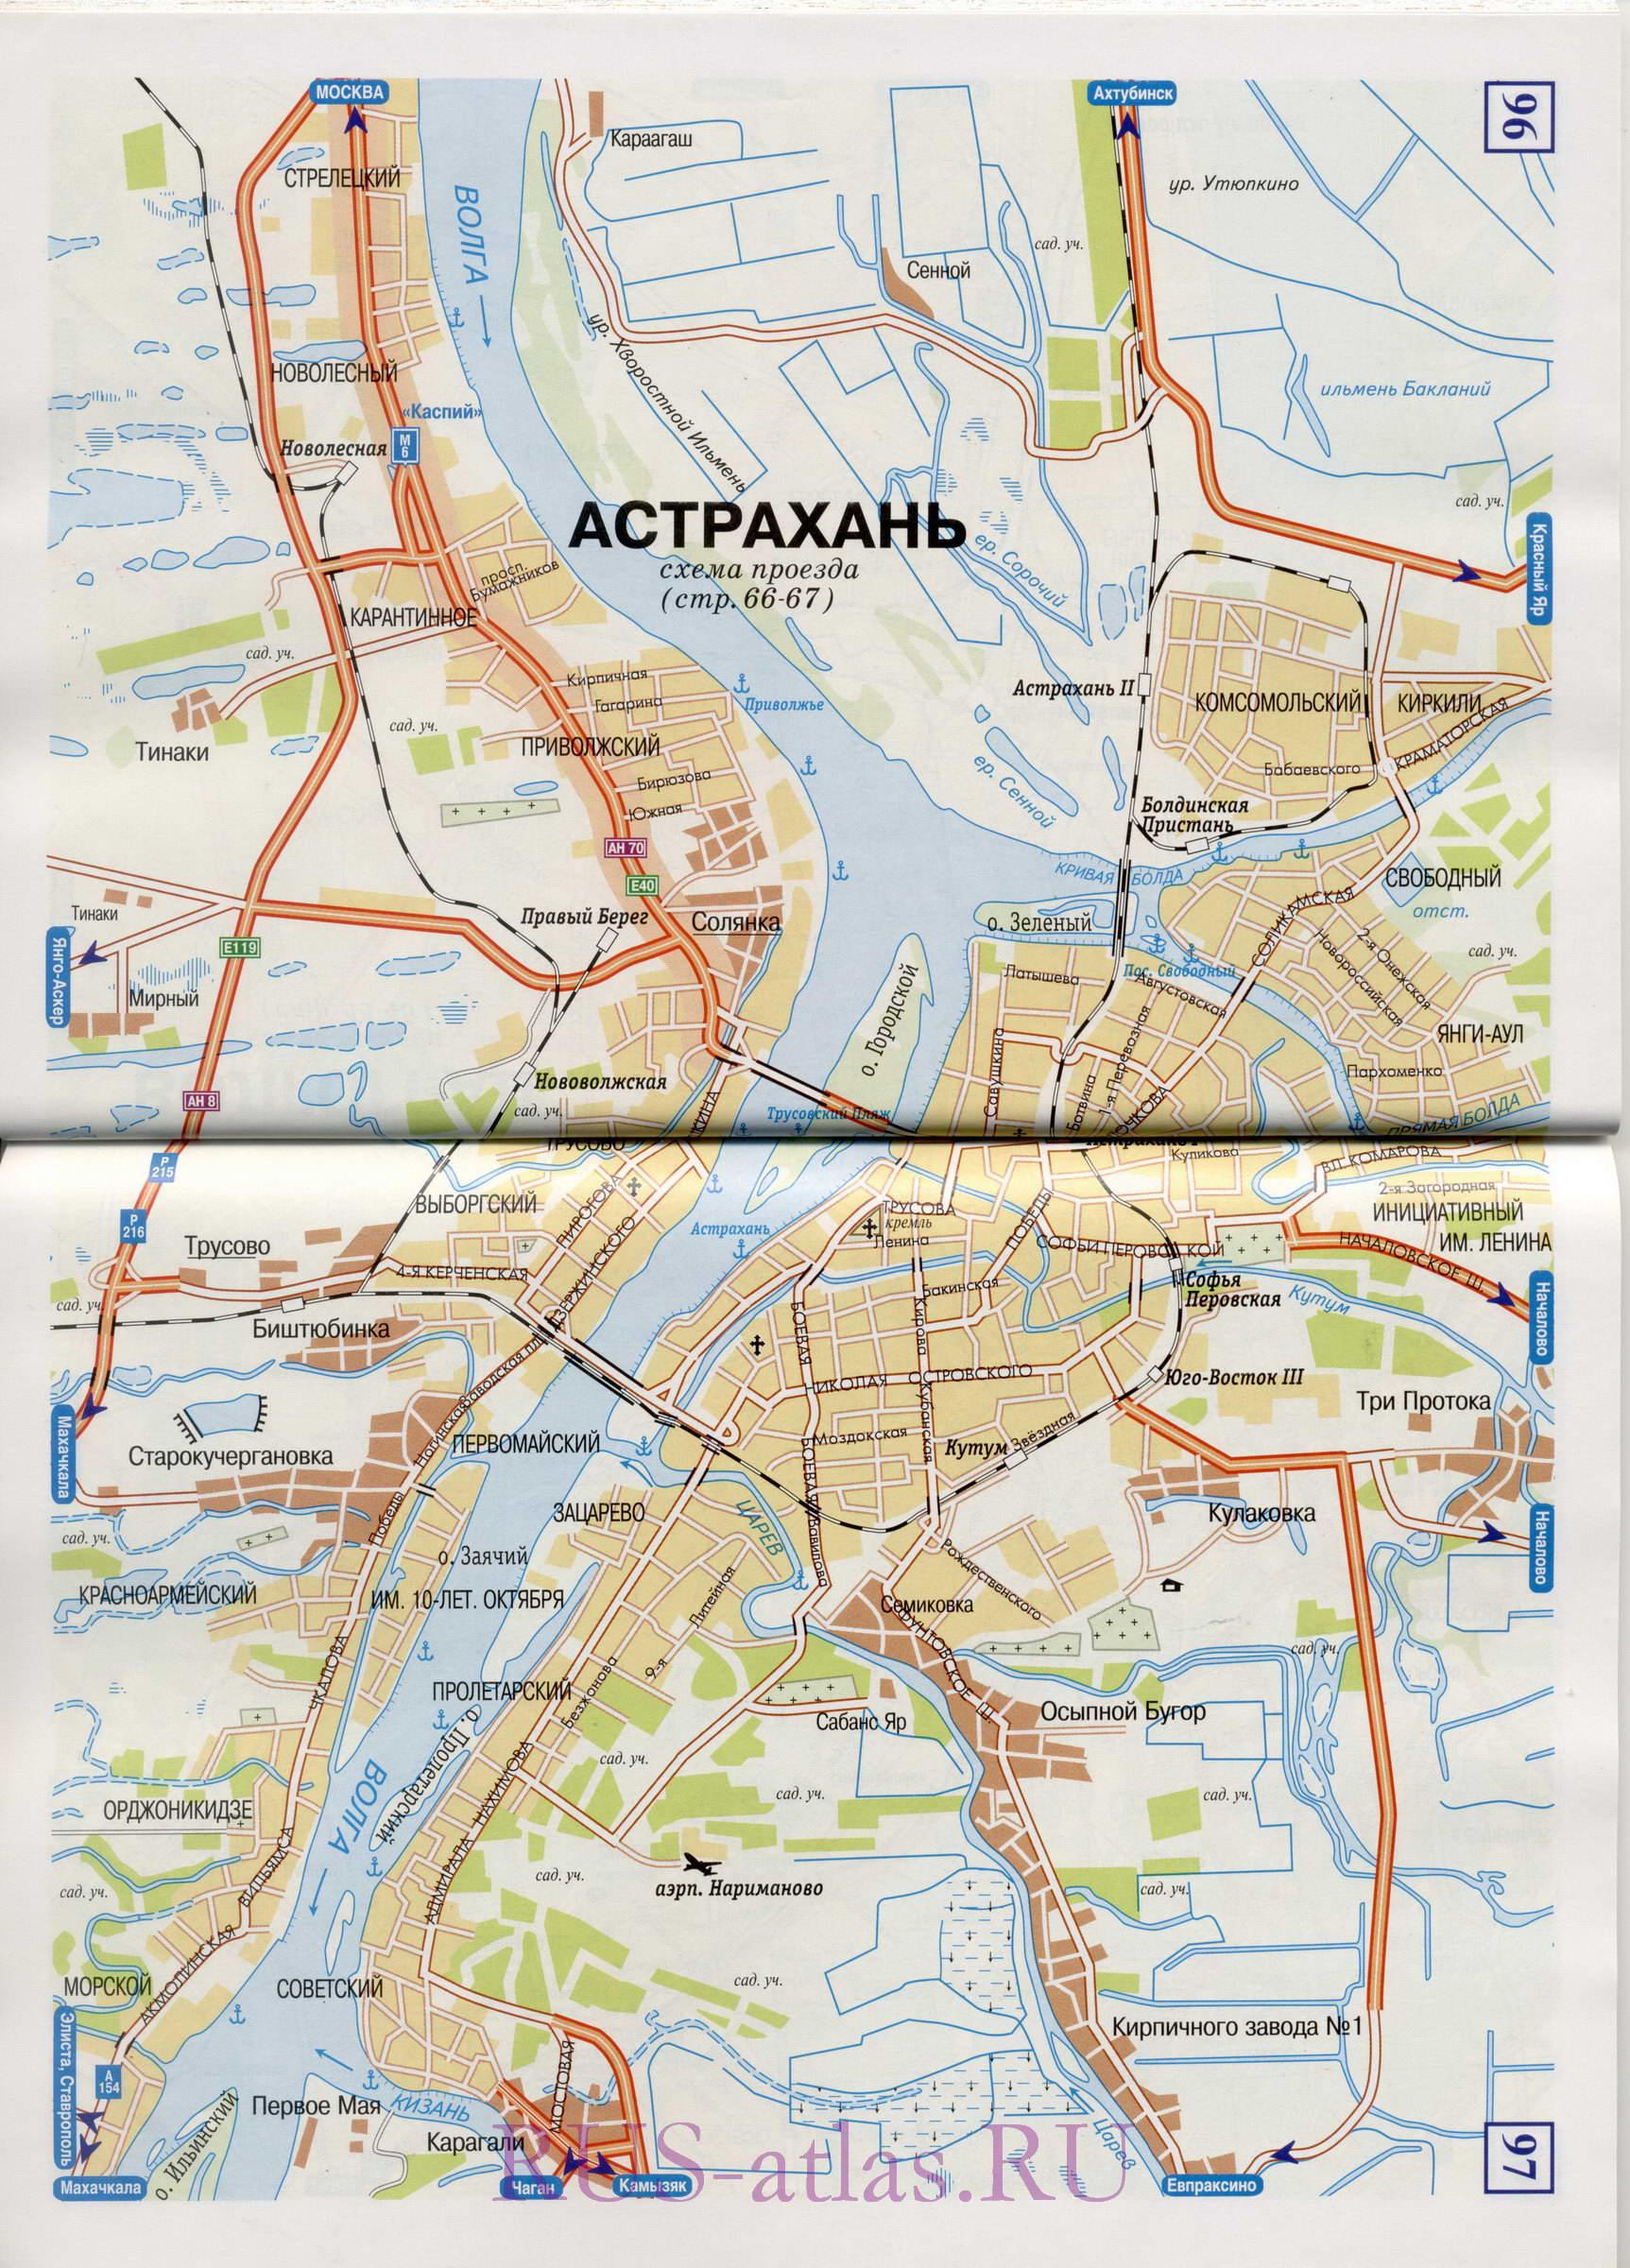 Подробная карта города Астрахань с названиями улиц и схемой проезда грузового транспорта.